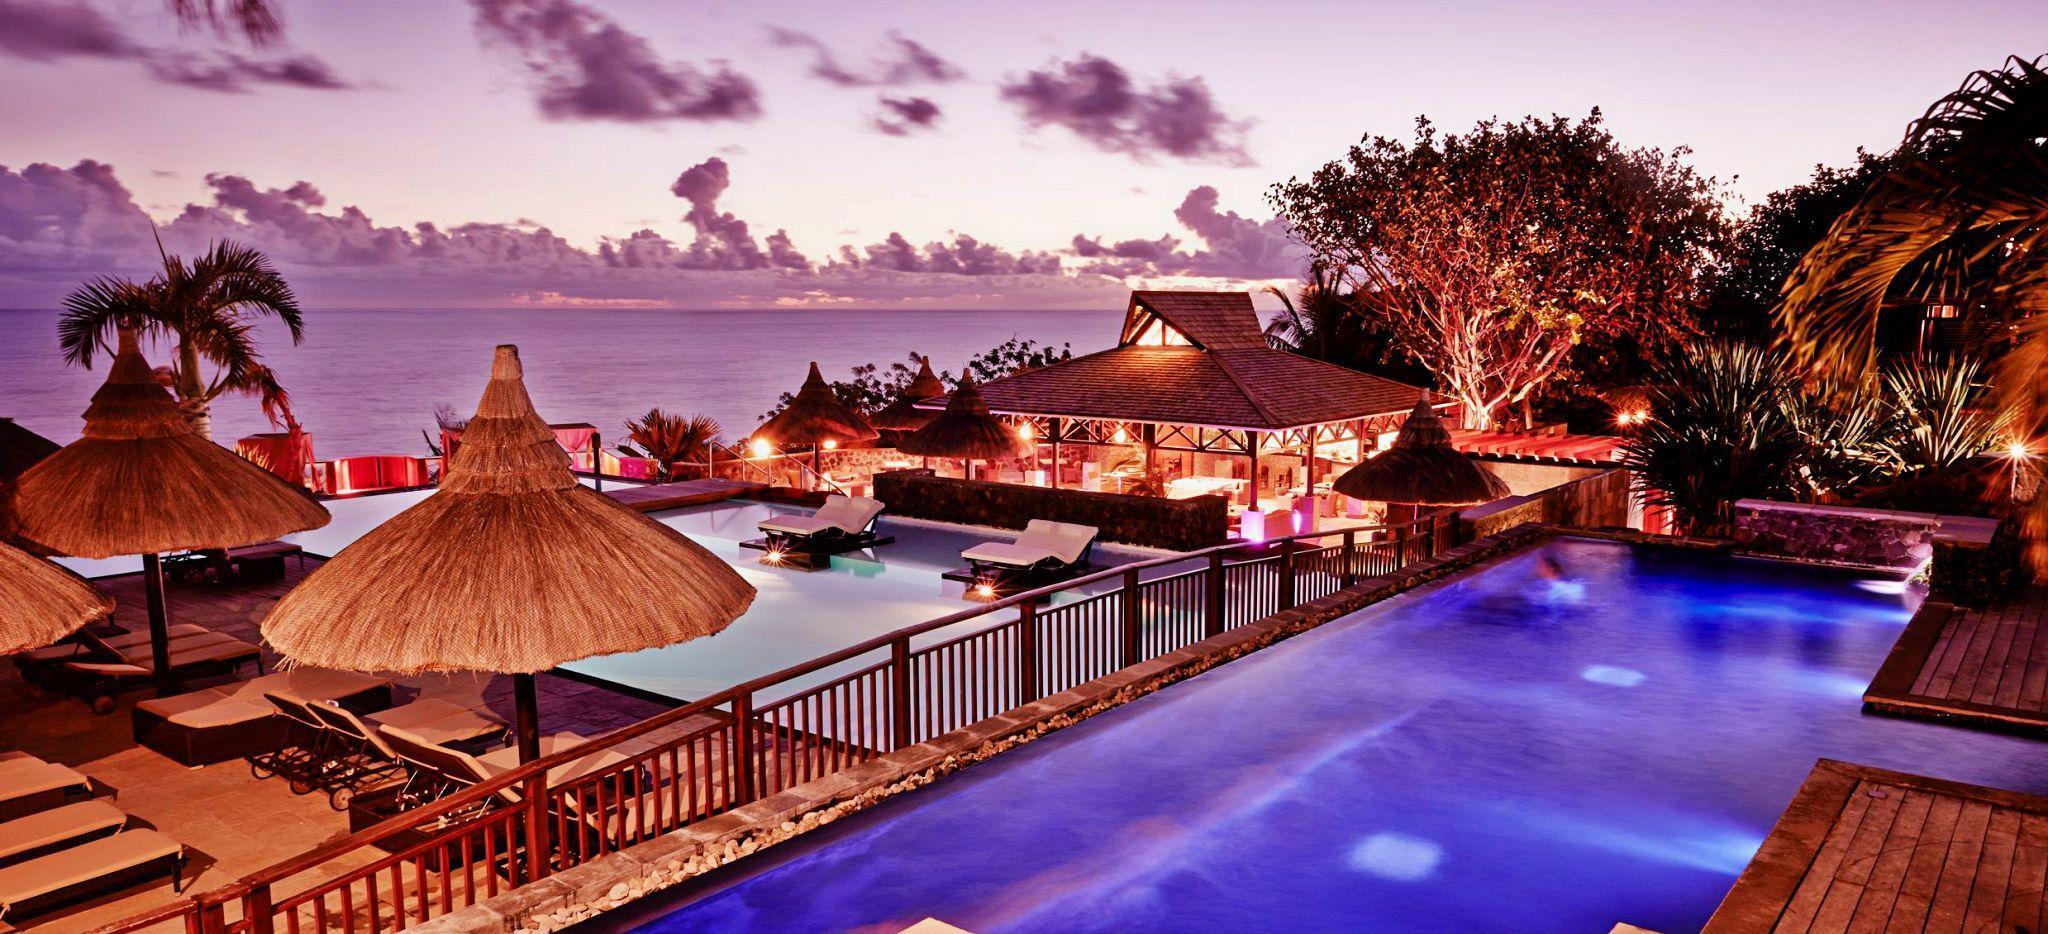 Der Hauptpool Bereich des Hotels the Palm auf La Réunion bei Nacht